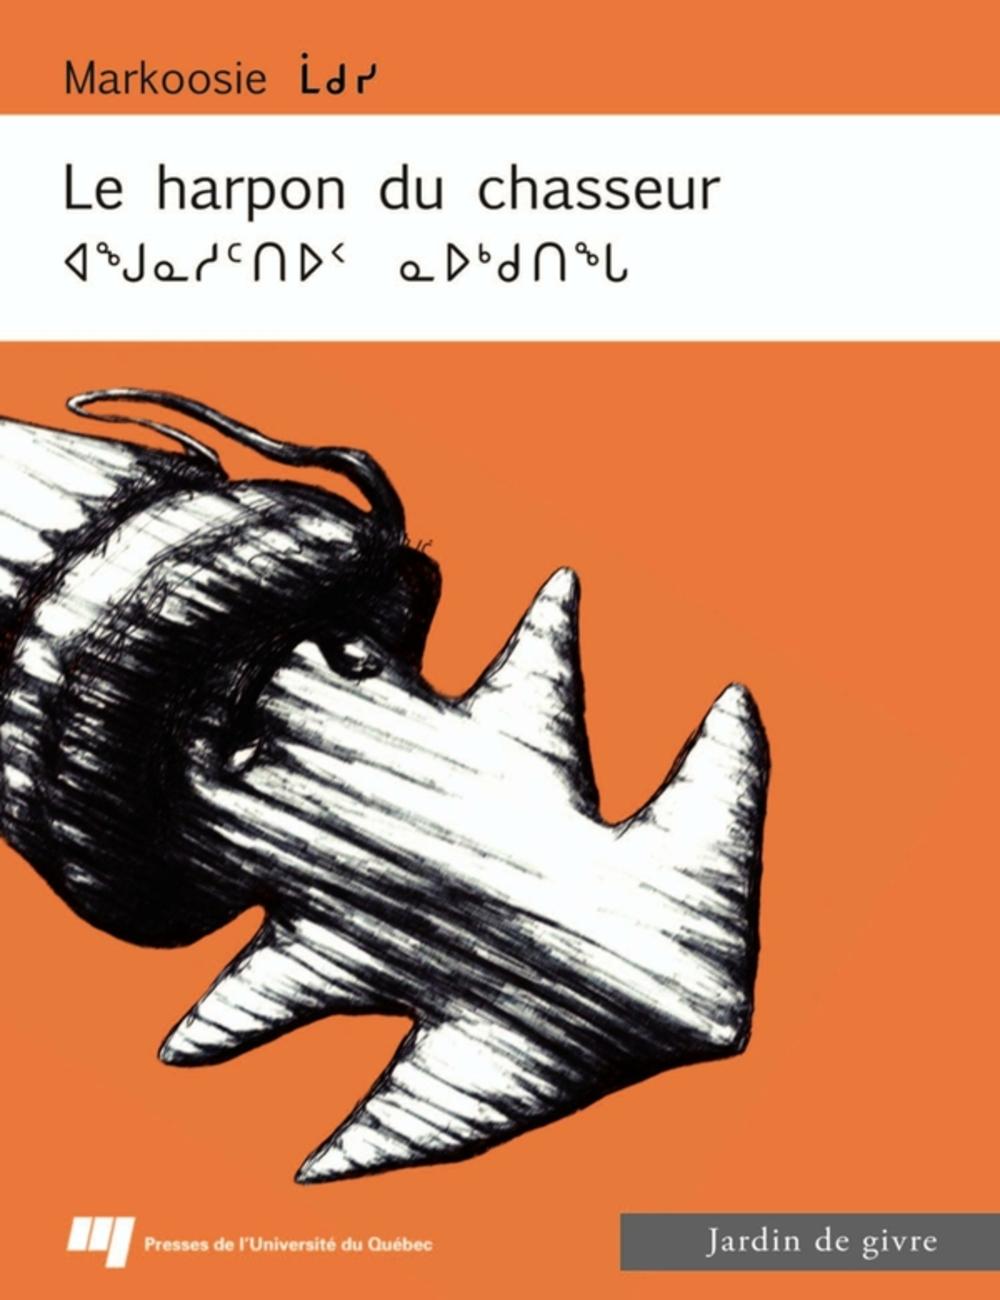 Le harpon du chasseur